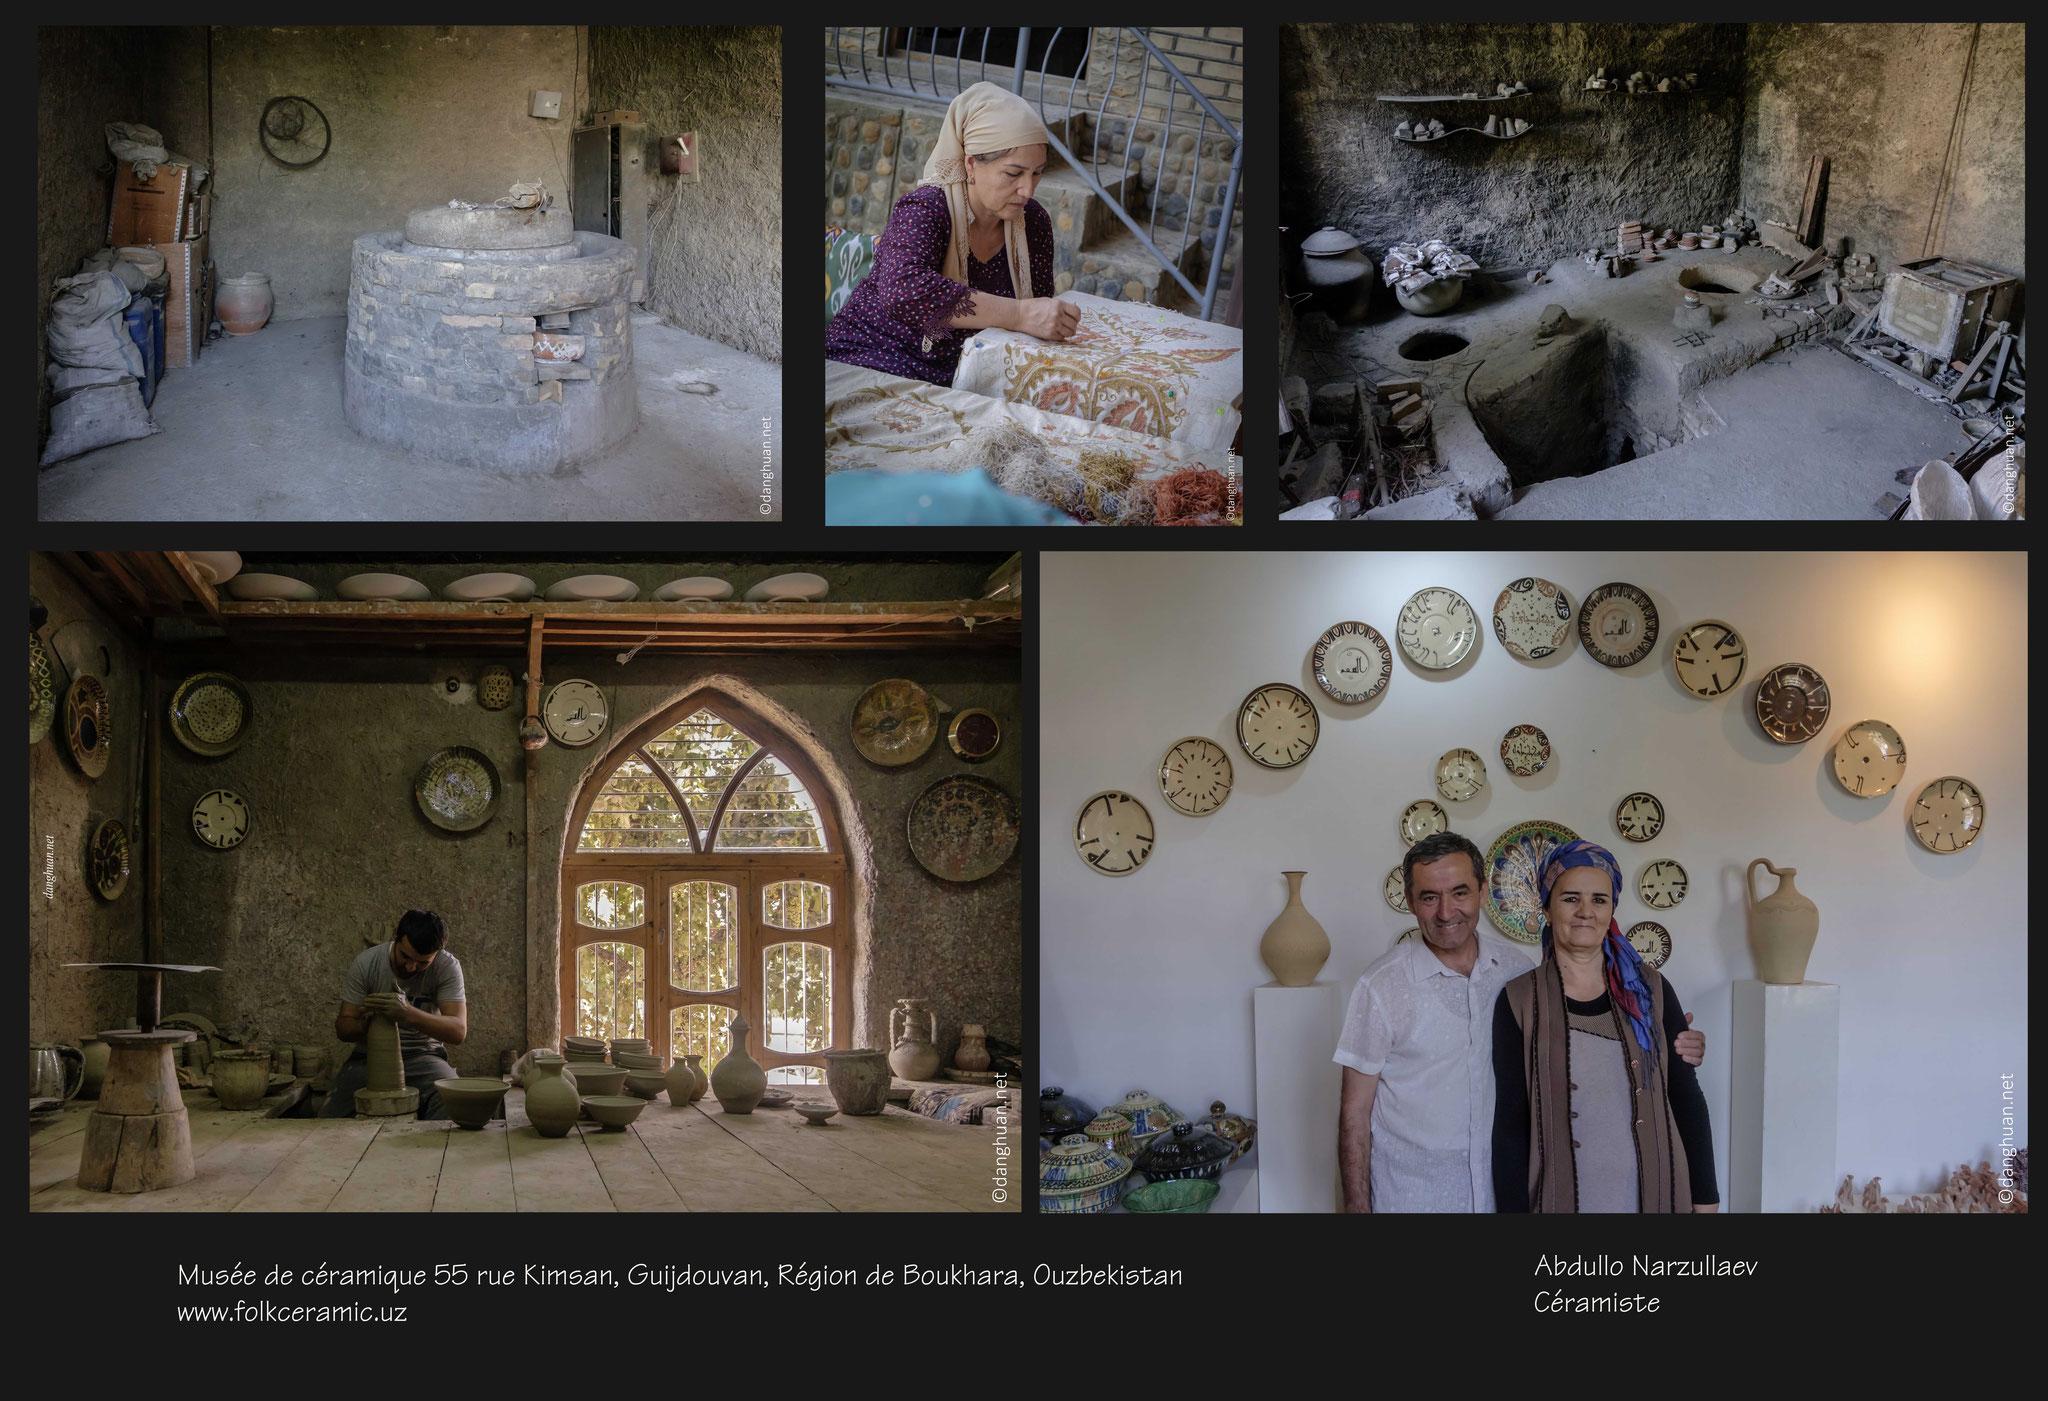 La broderie aux colorants naturels et la céramique de Guijdouvan sont les deux traditions dont hérite la famille Narzoullaec depuis plusieurs générations